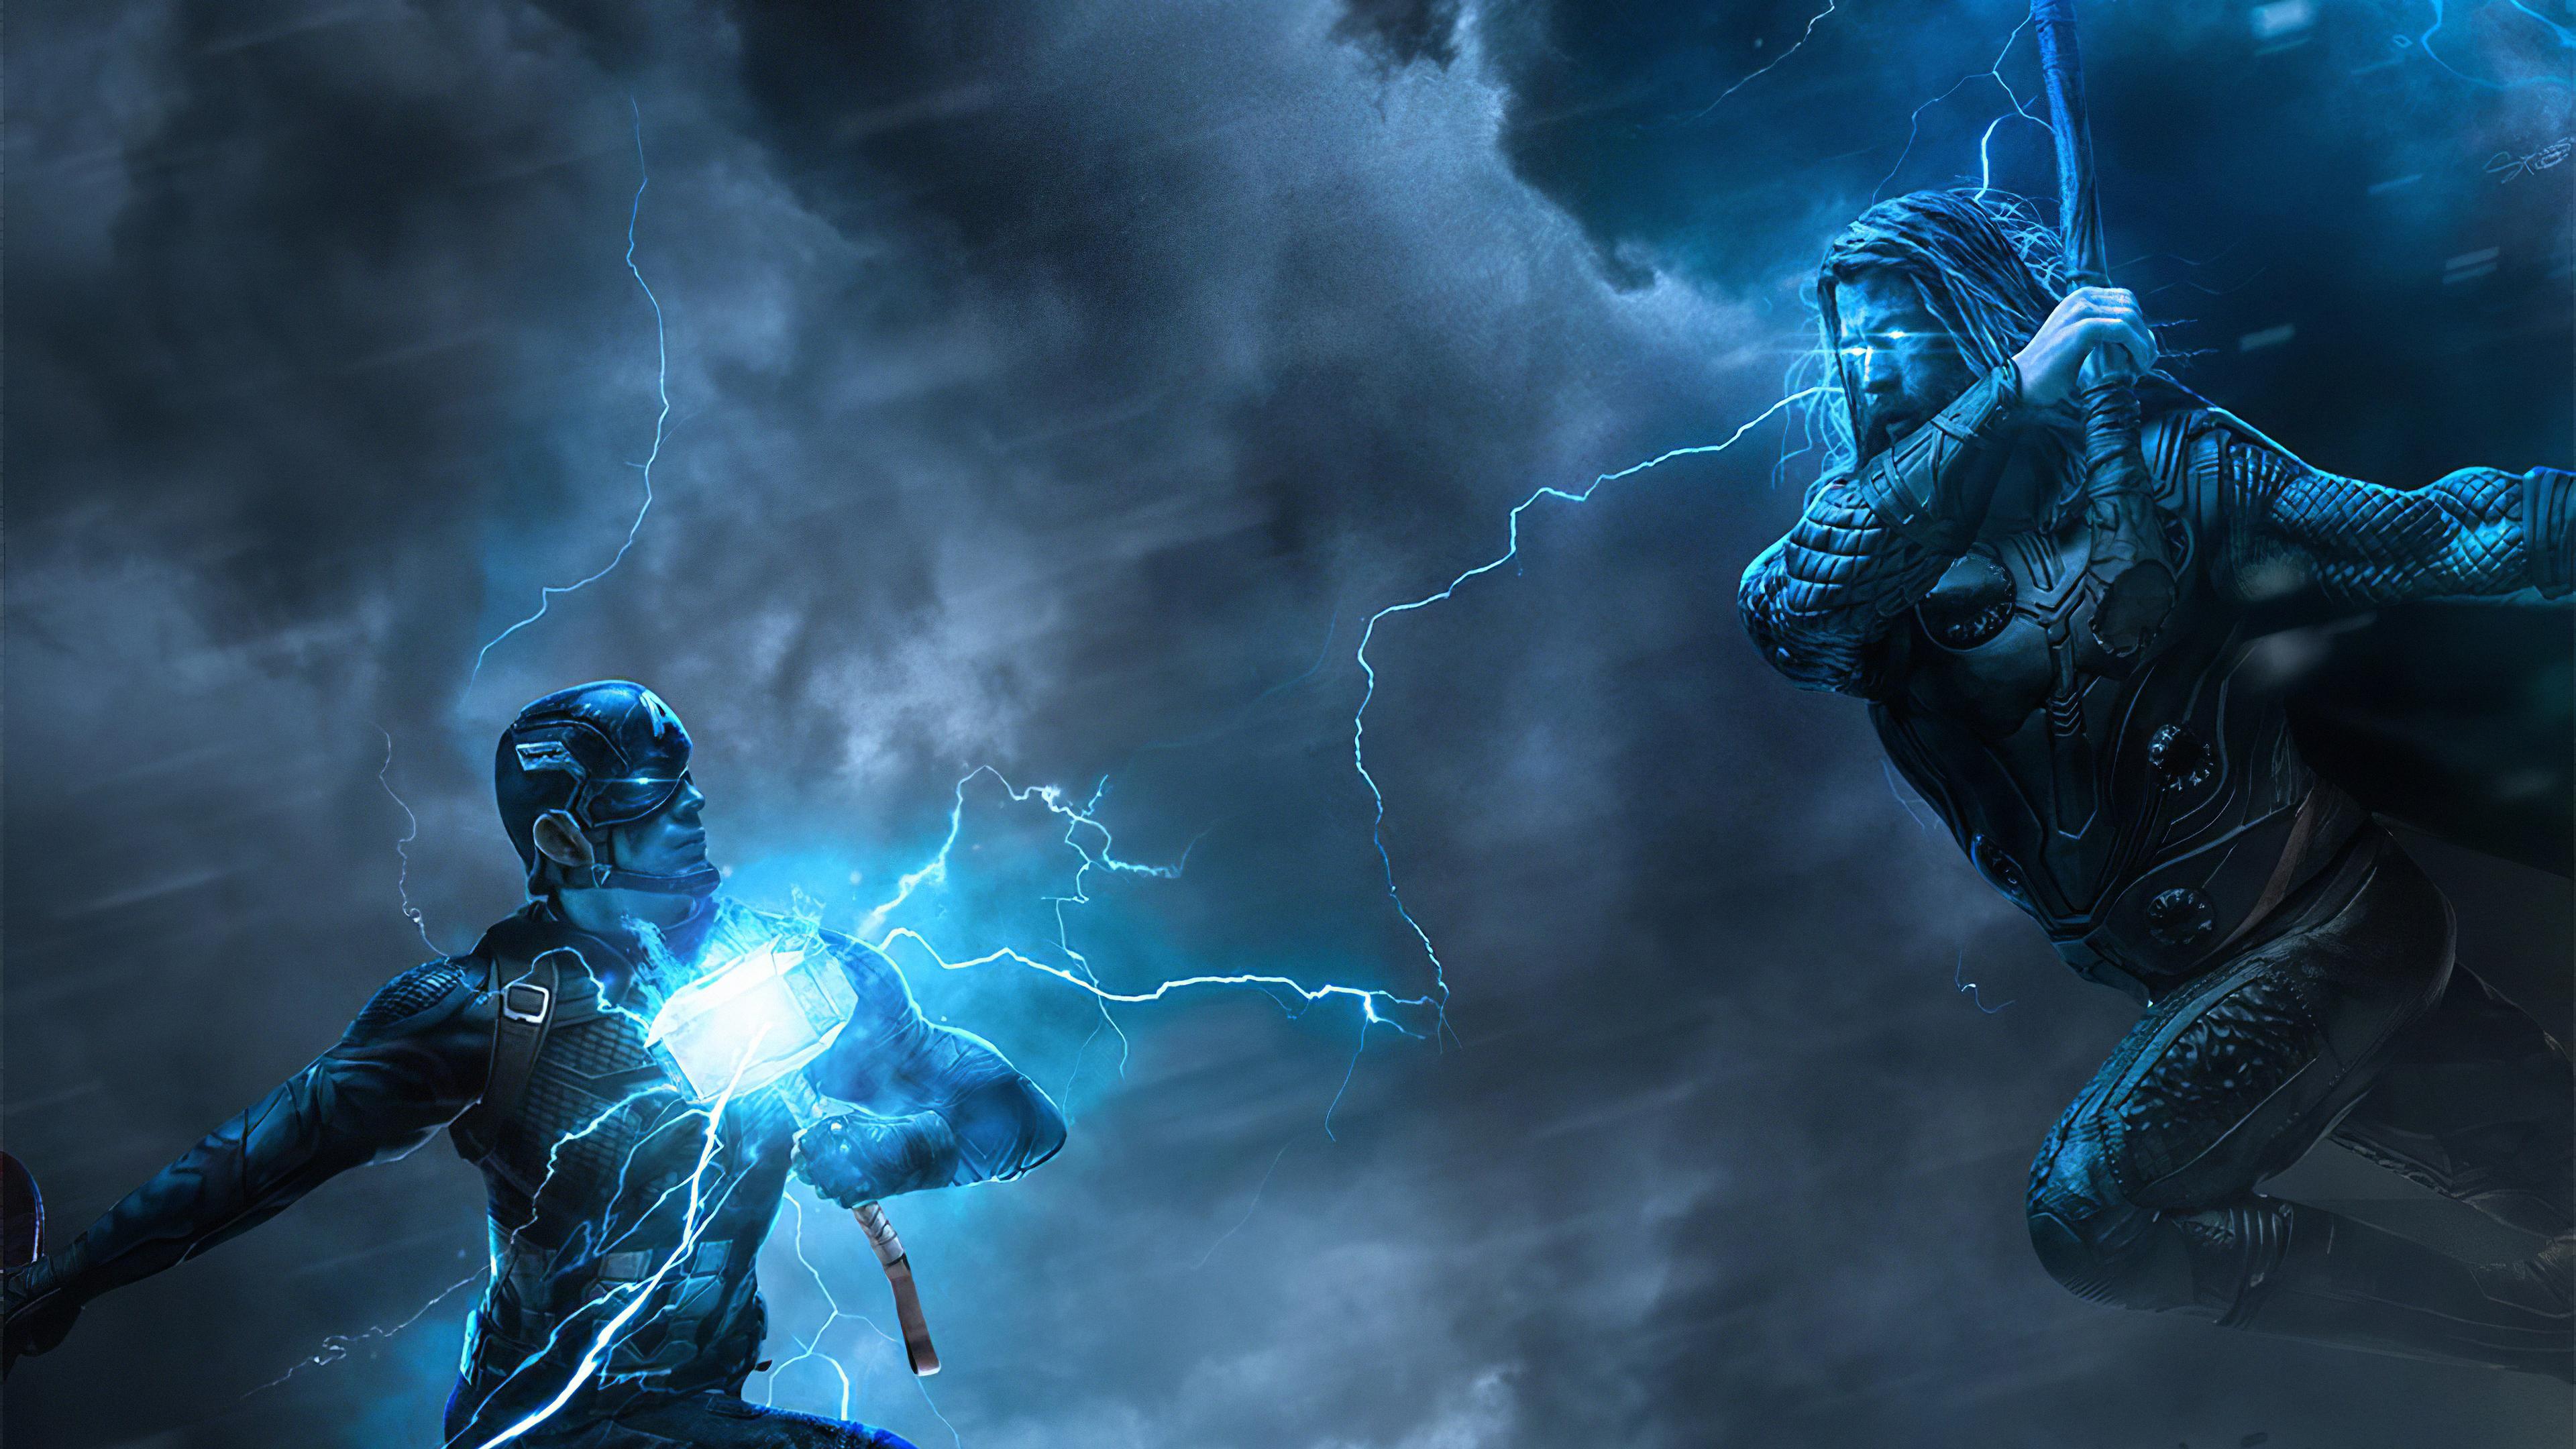 thor vs captain america art 1576090678 - Thor Vs Captain America Art - Thor vs Captain America hd 4k wallpaper, captain america vs thor 4k wallpaper